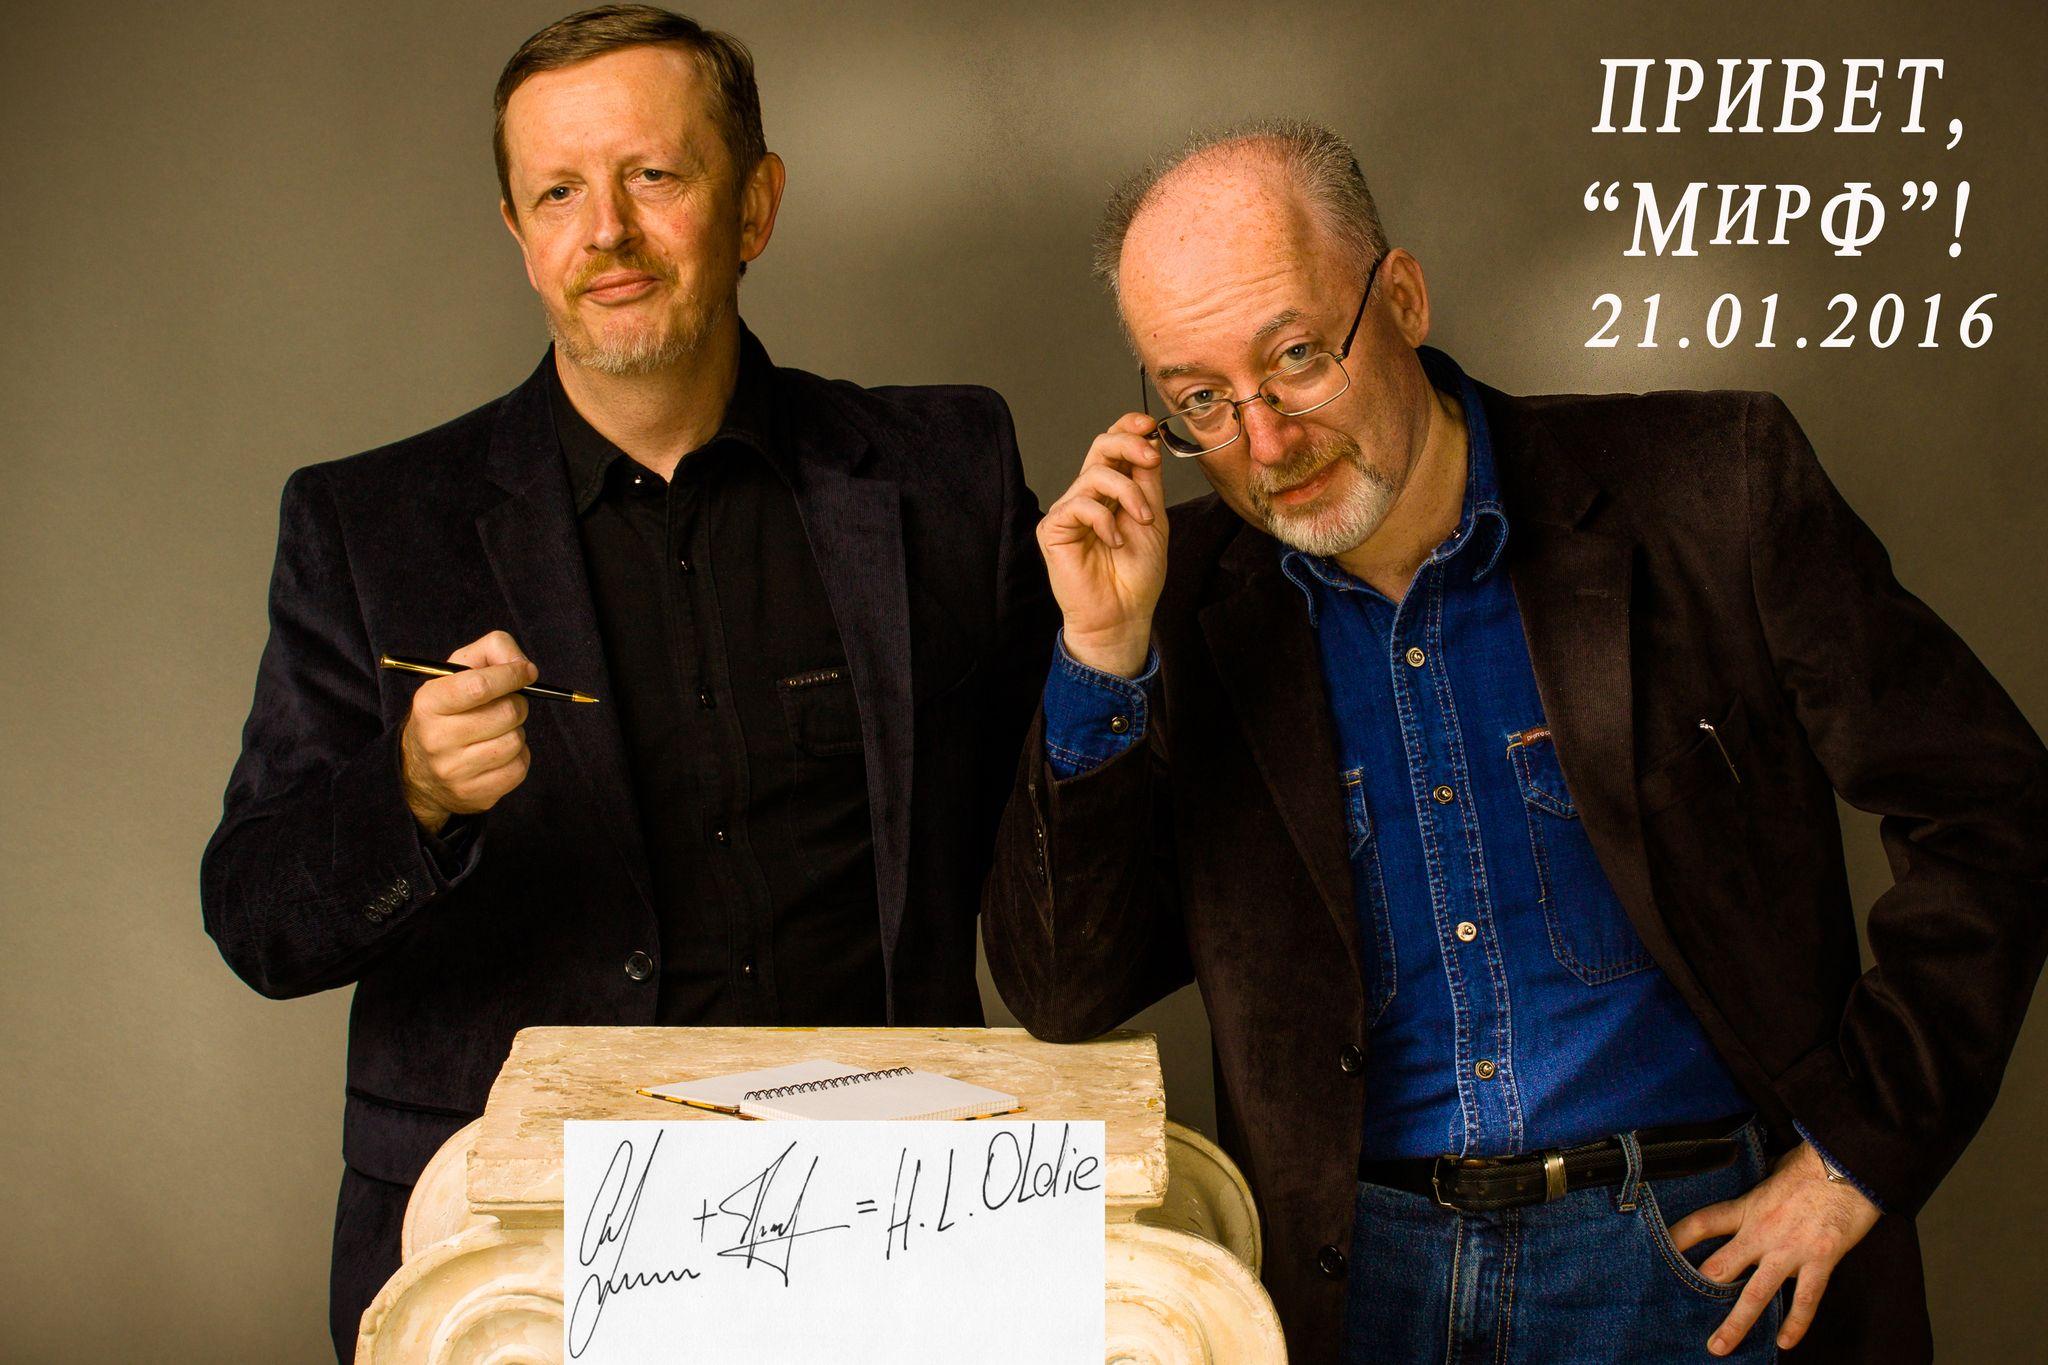 Г. Л. Олди